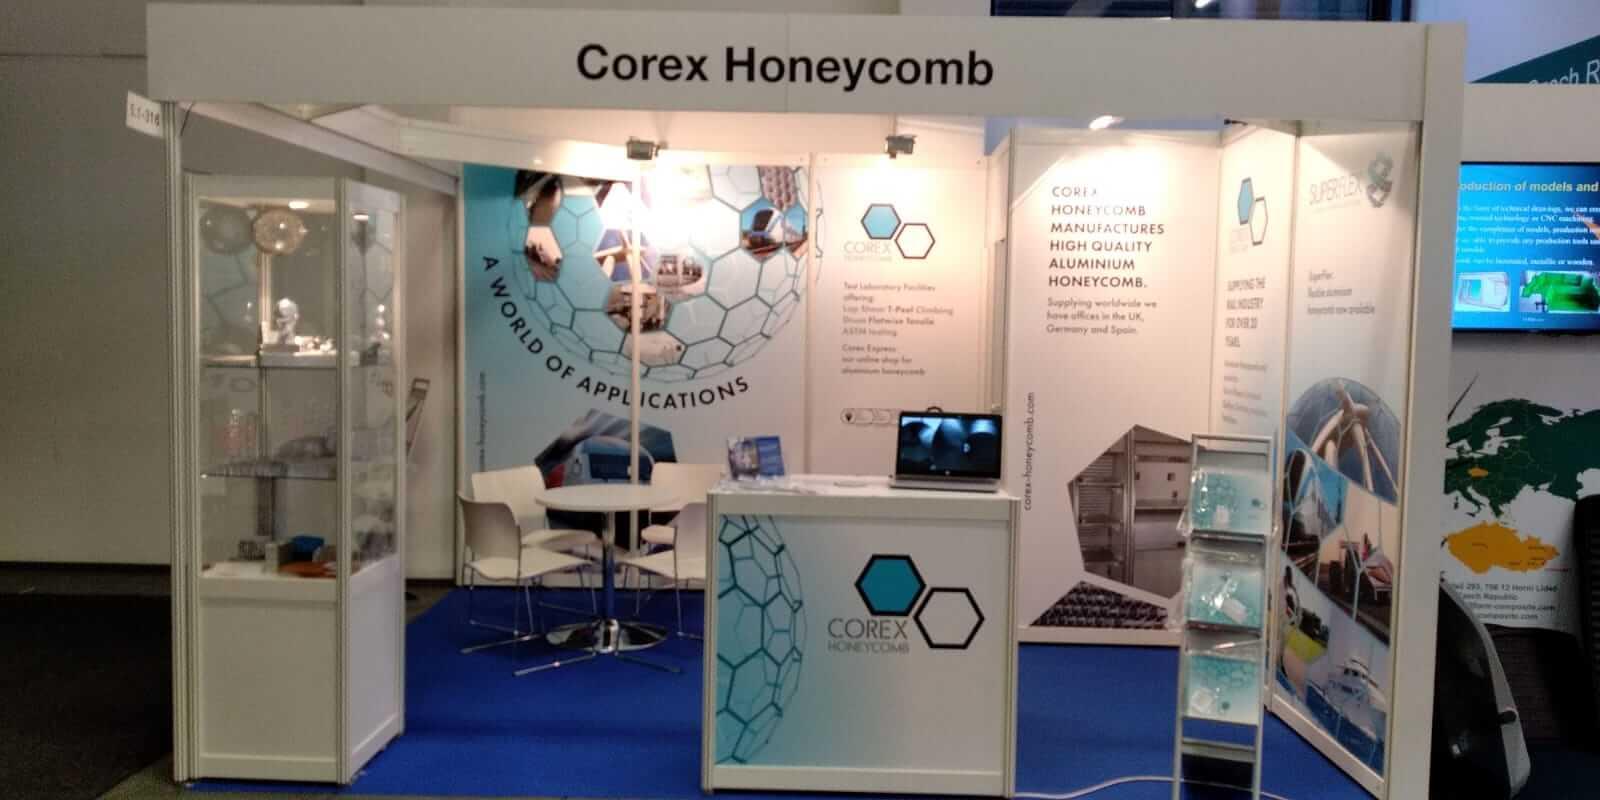 Corex Honeycomb Exhibitions 2019